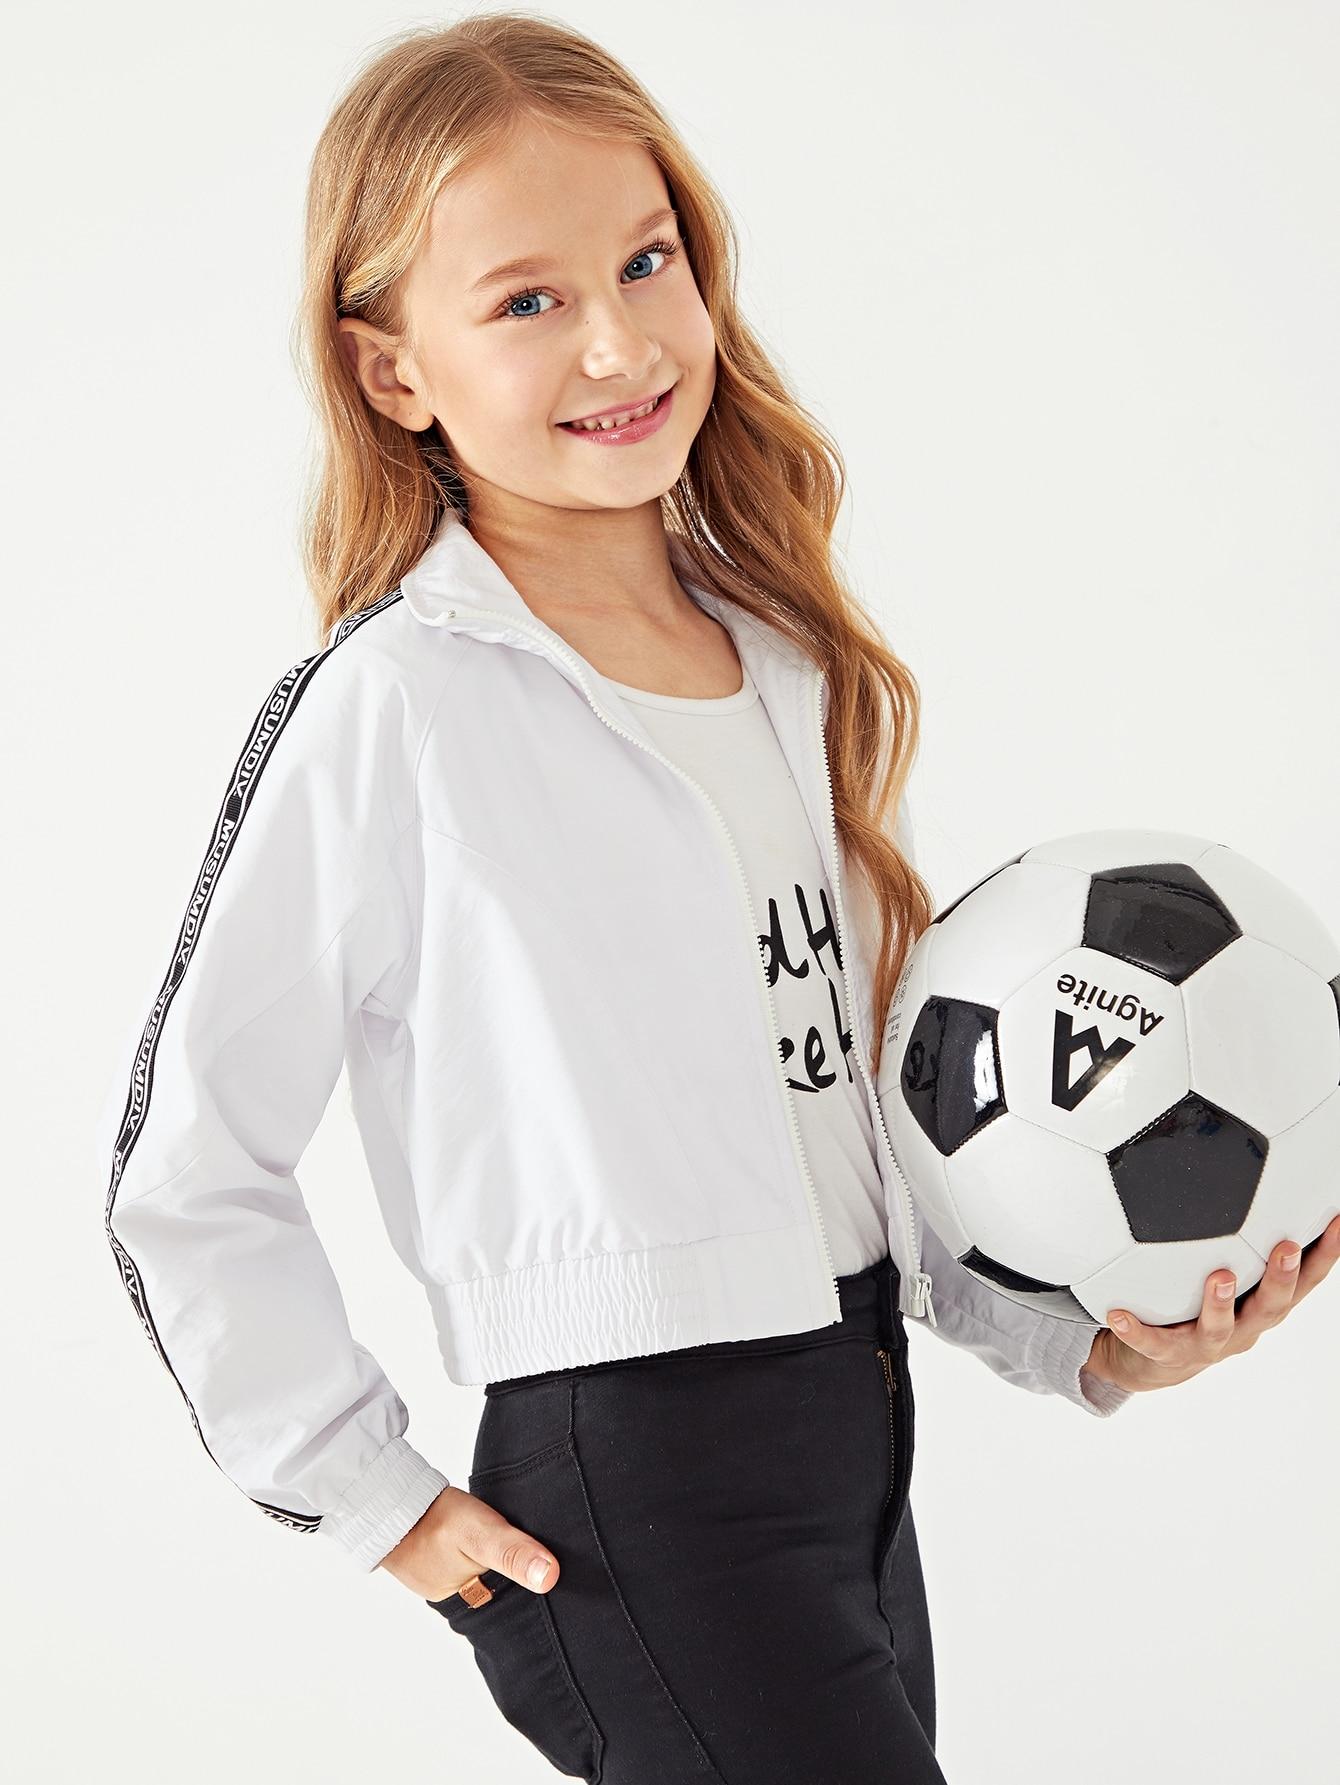 Купить Для девочек куртка с принтом букв, Masha. P, SheIn